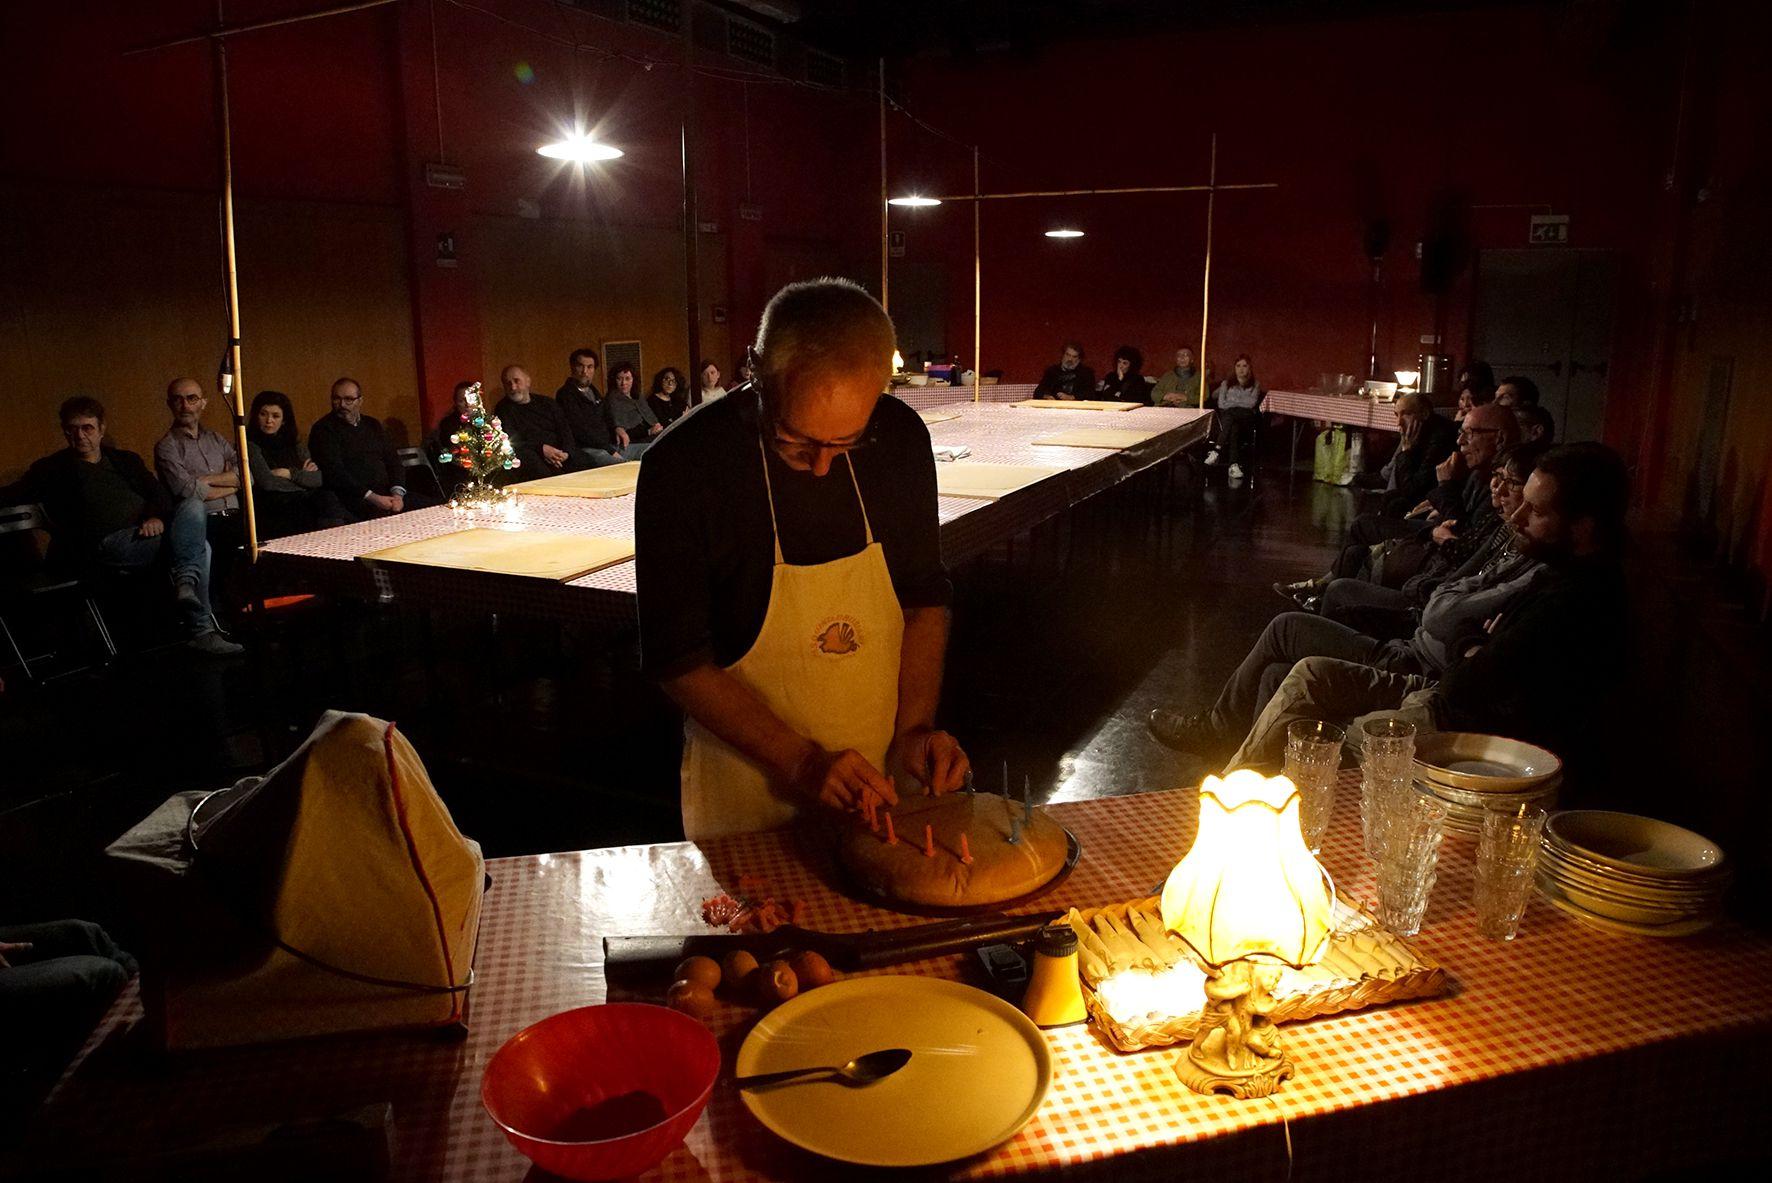 Teatro delle Ariette Attorno a un tavolo. Foto ©Stefano Vaja